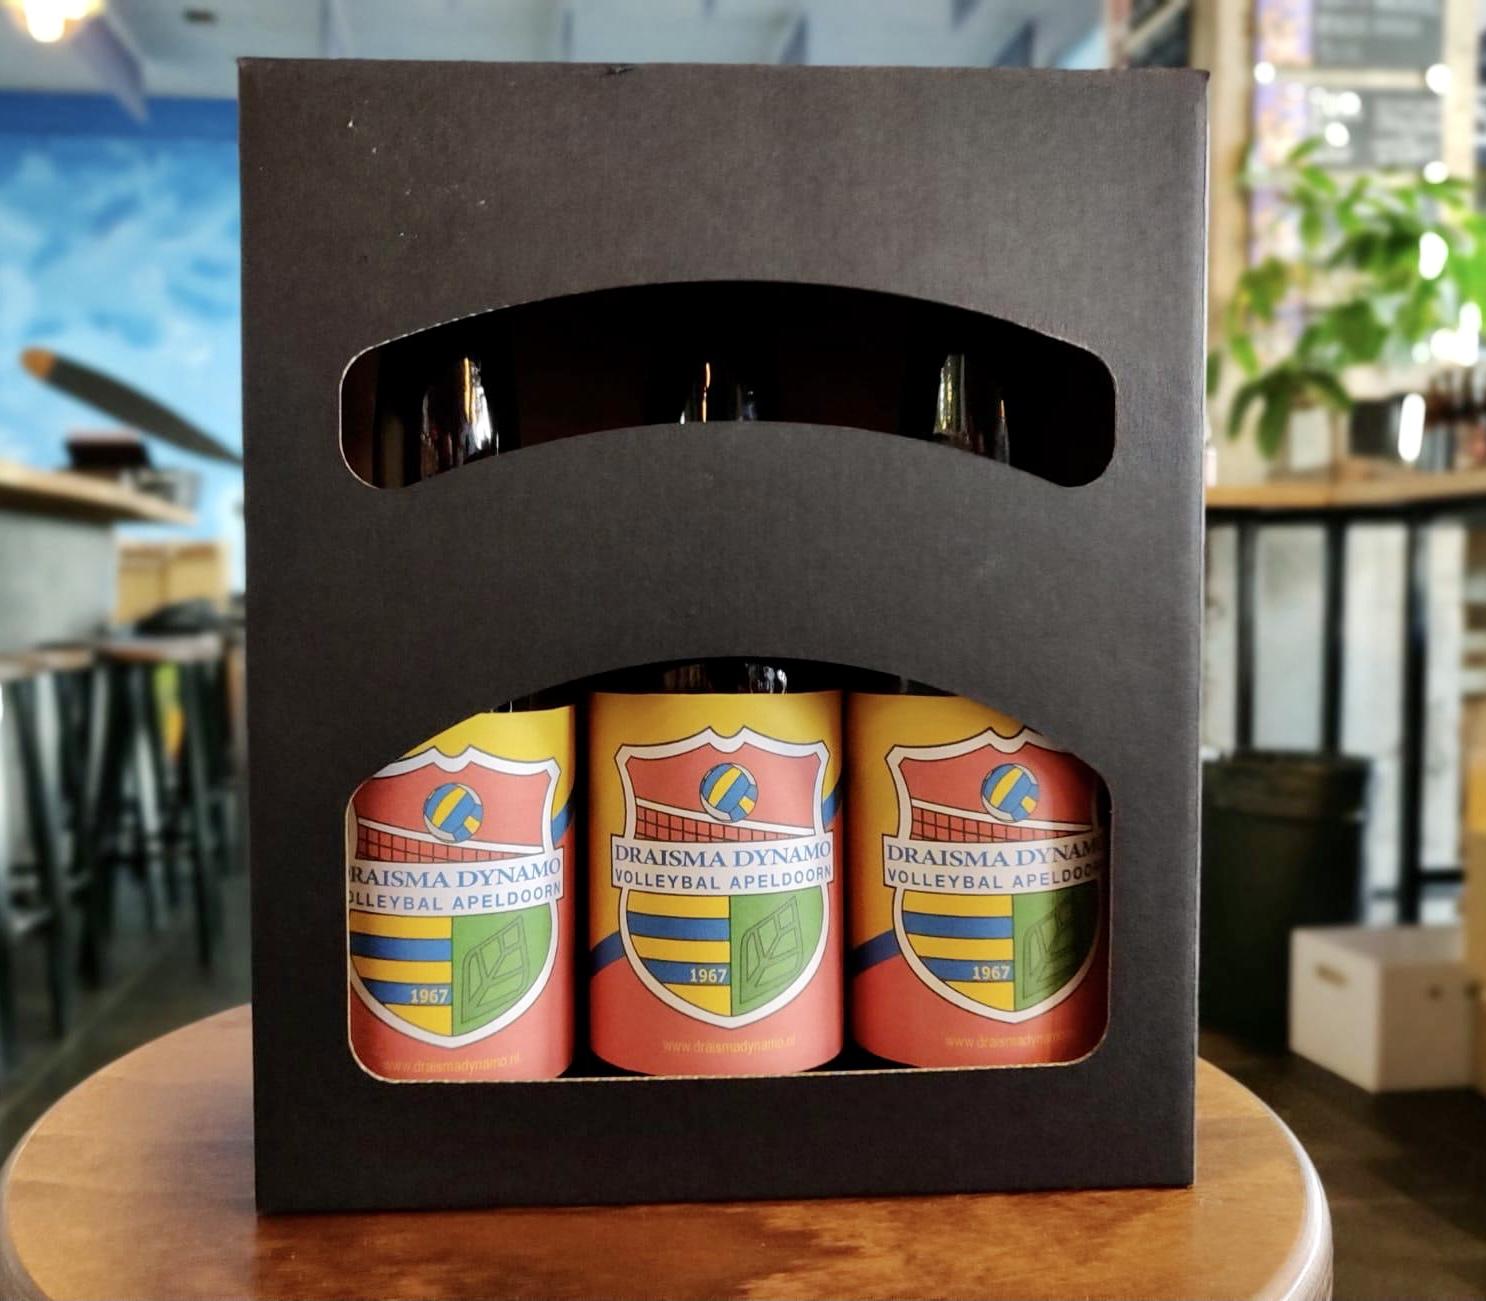 Draisma Dynamo lanceert eigen bier